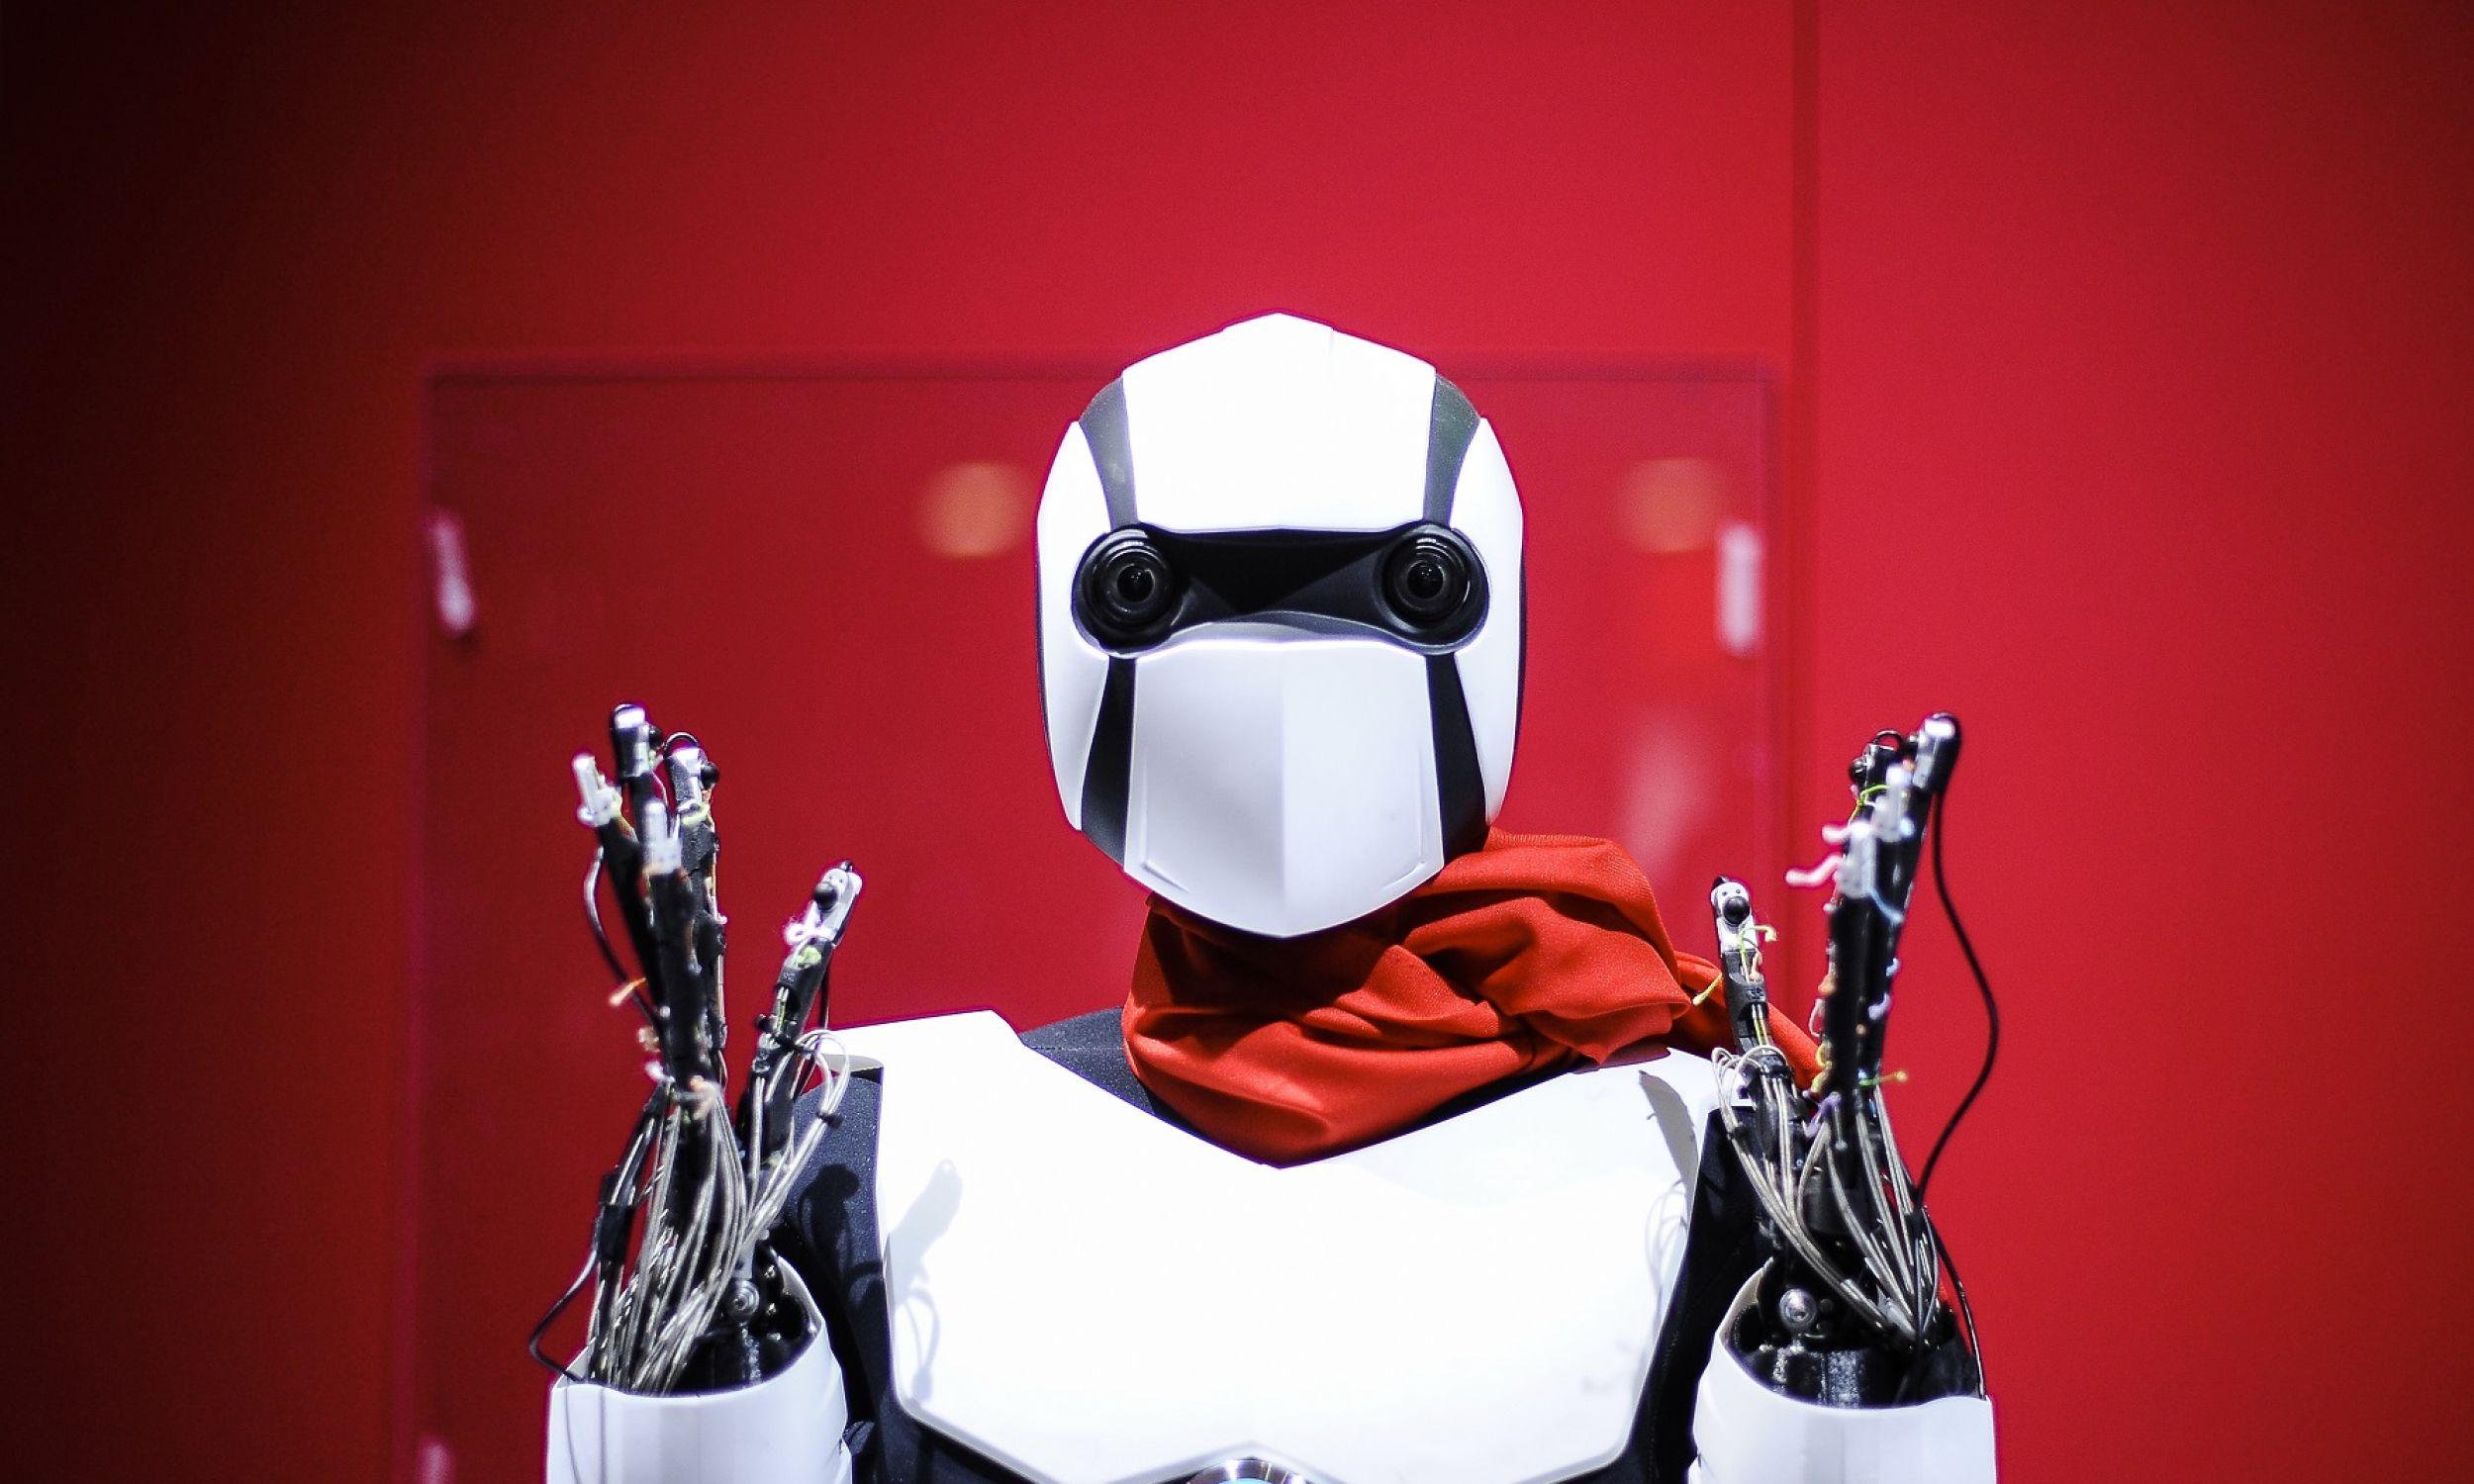 Hiszpania, 28 lutego 2018 r. Podczas Mobile World Congress w Barcelonie pokazano robota TT Docomo 5G, odzwierciedlającego ruchy operatora wykonującego japońską kaligrafię. Fot. : Joan Cros / NurPhoto via Getty Images